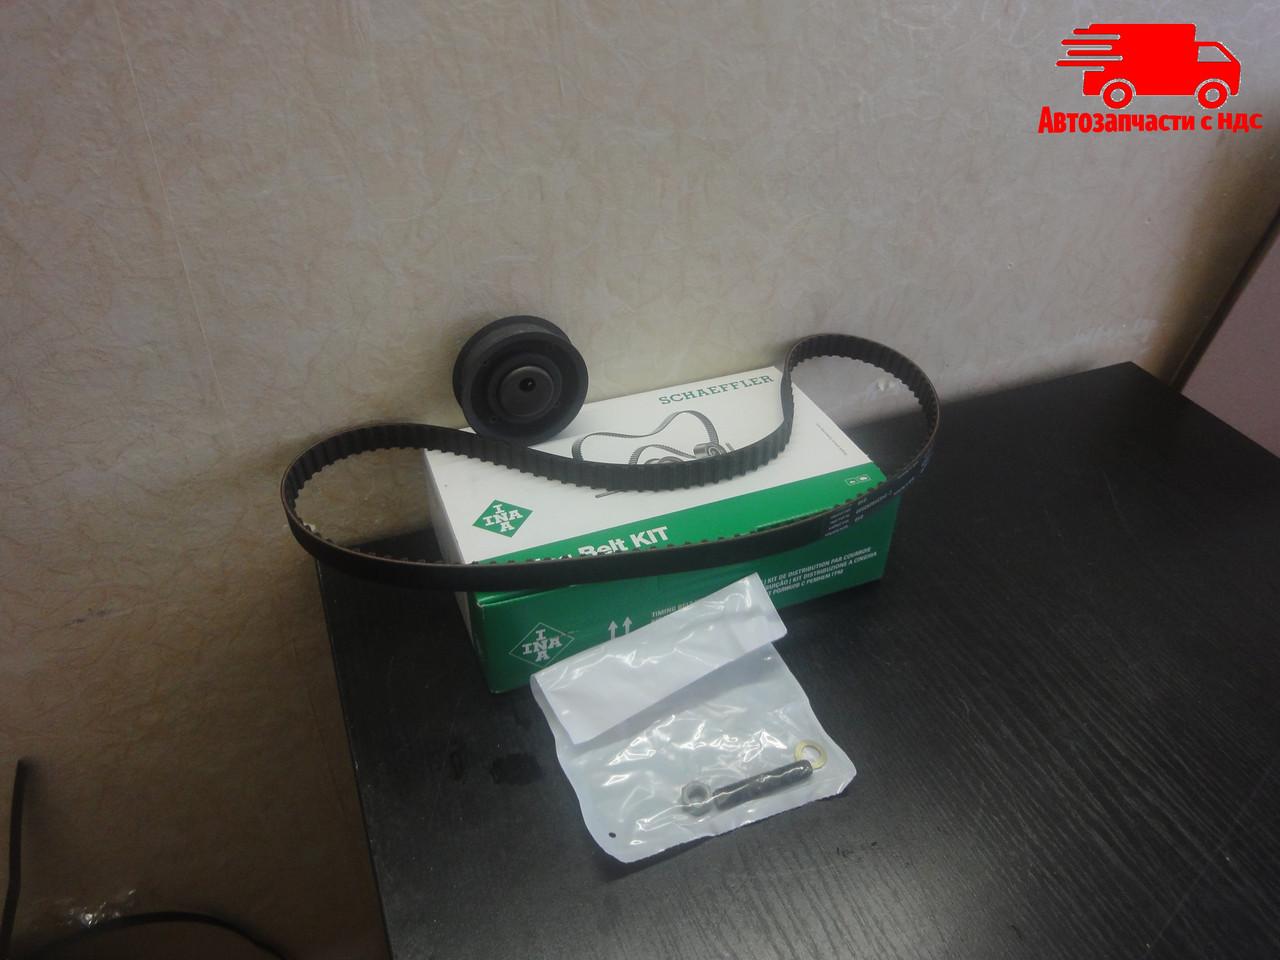 Комплект ремня ГРМ AUDI 100, AUDI 80, VW GOLF III, VW PASSAT 530 0162 10 INA